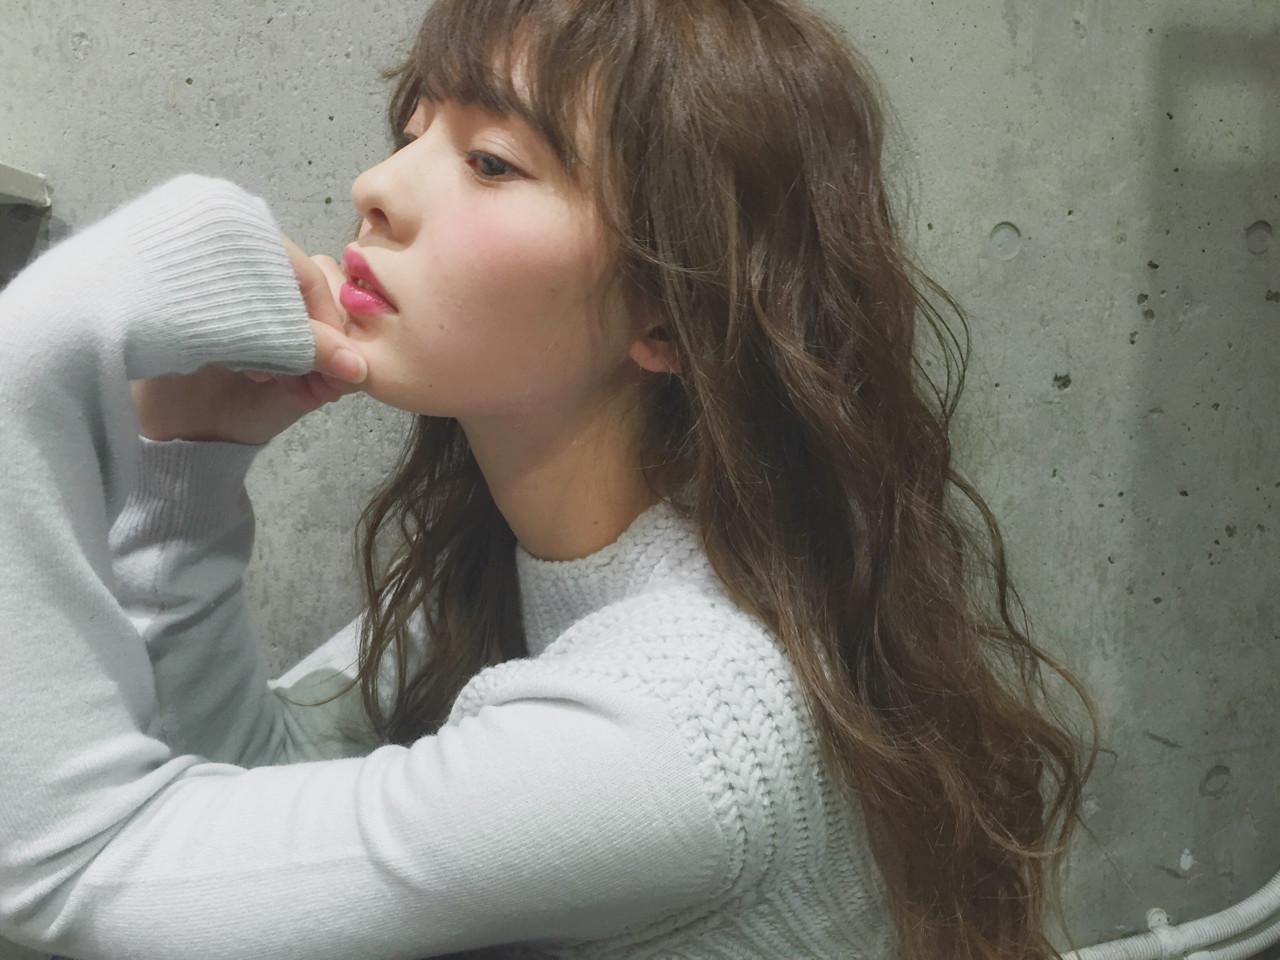 ザクザクがおしゃれ♡「シースルーバング」「ザクザクバング」でサクッとイメチェン☆ 兼井 遼